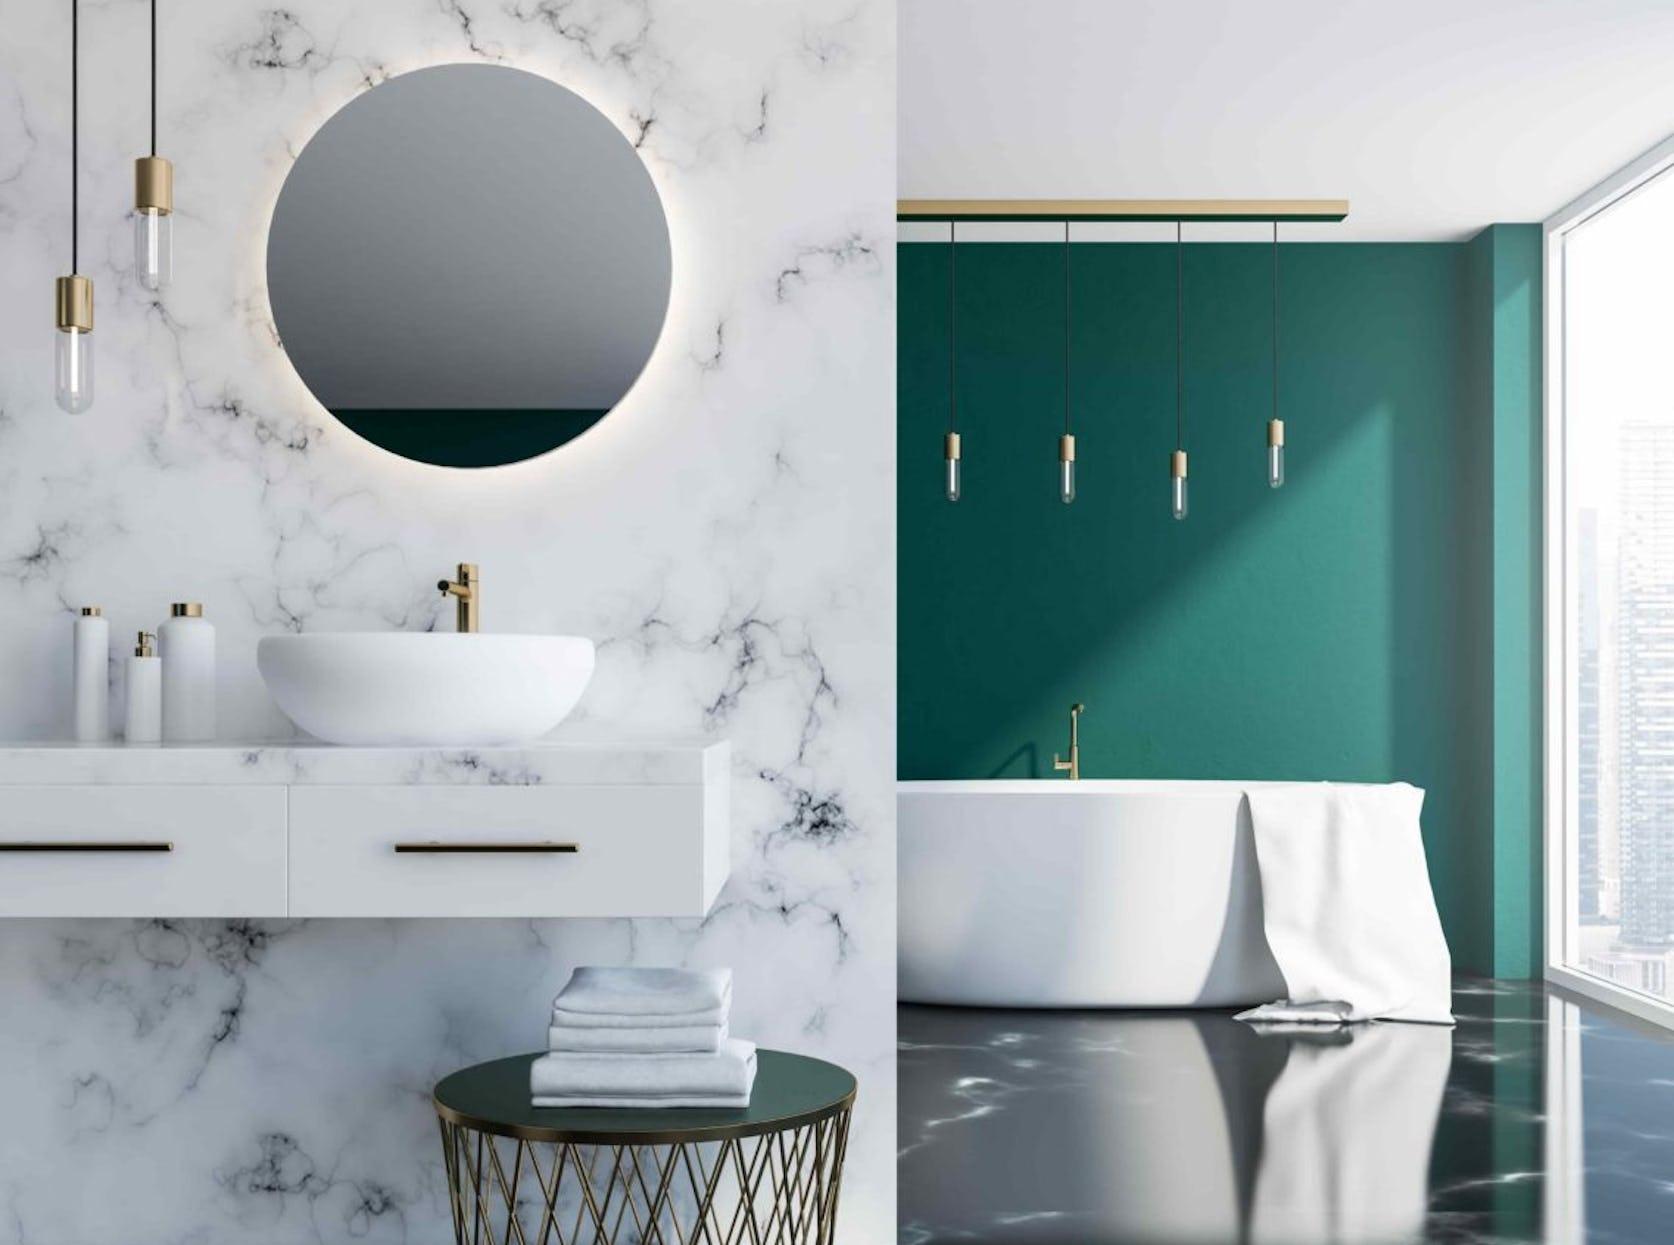 Installer Salle De Bains Combles refaire sa salle de bain : équipements, prix et travaux.